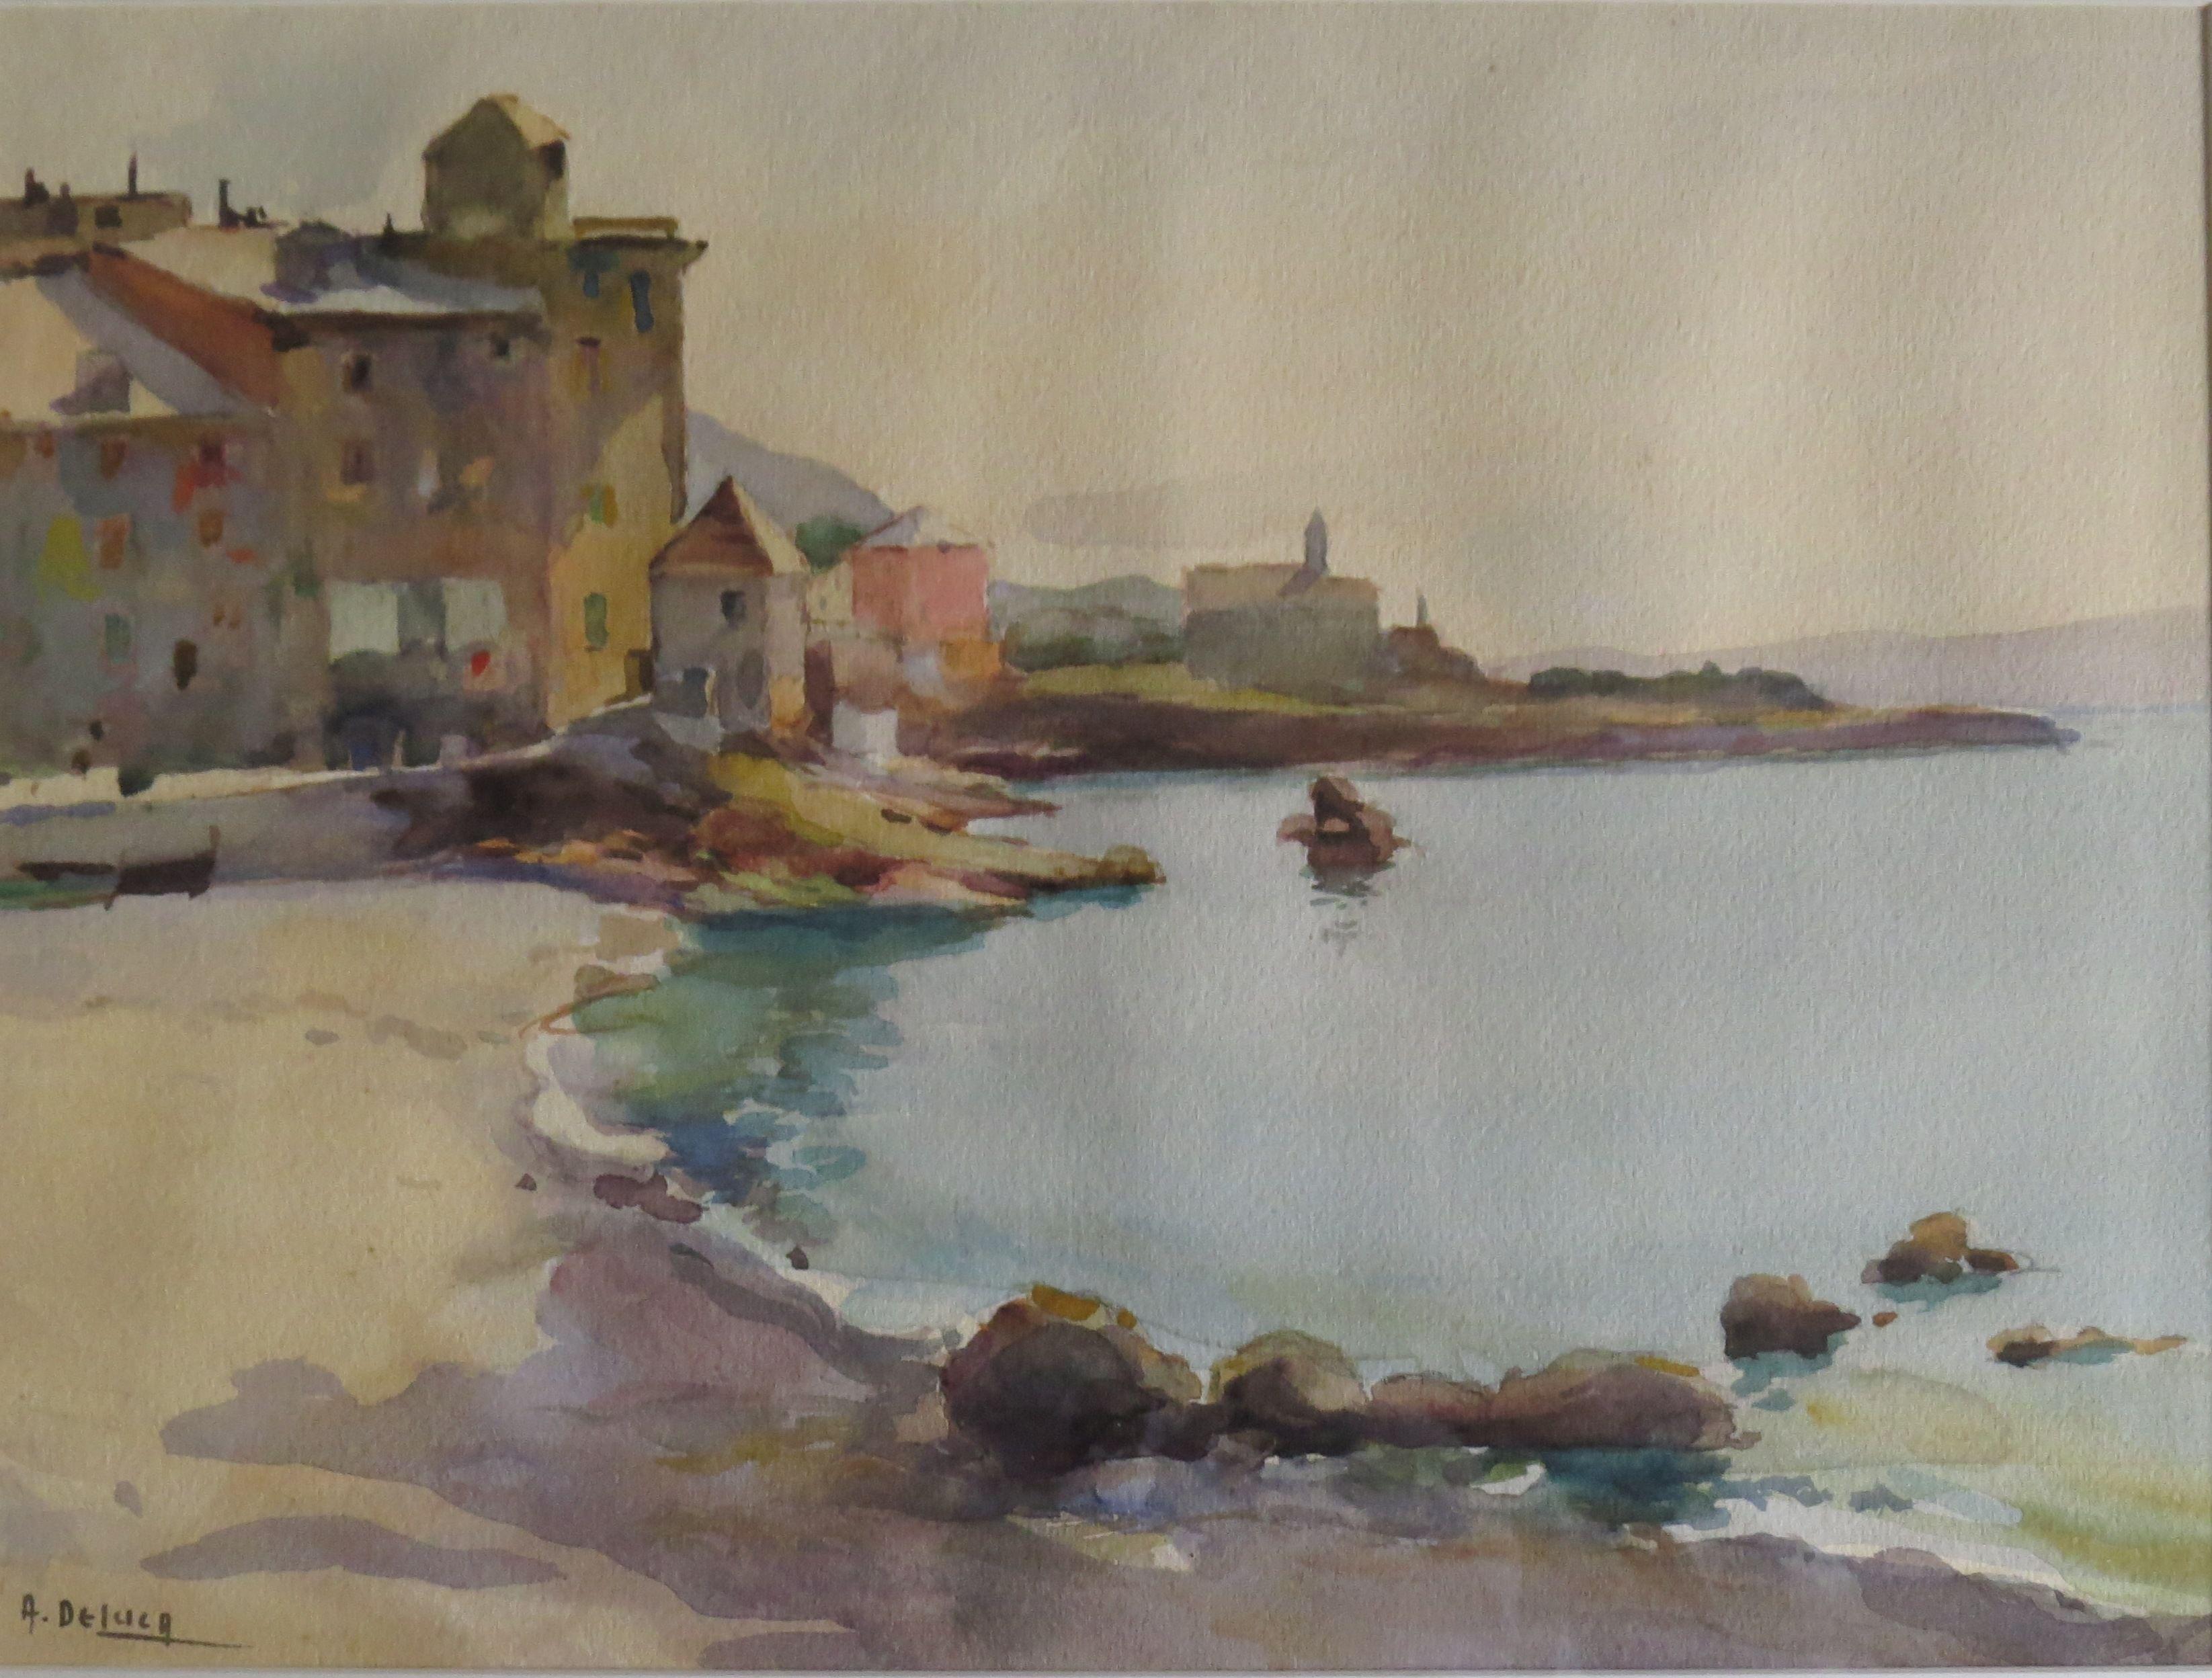 Quinto (Arturo De Luca - Sorrento, Napoli, 1885, Genova 1971) http://www.pittoriliguri.info/pittori-liguri/de-luca-arturo/